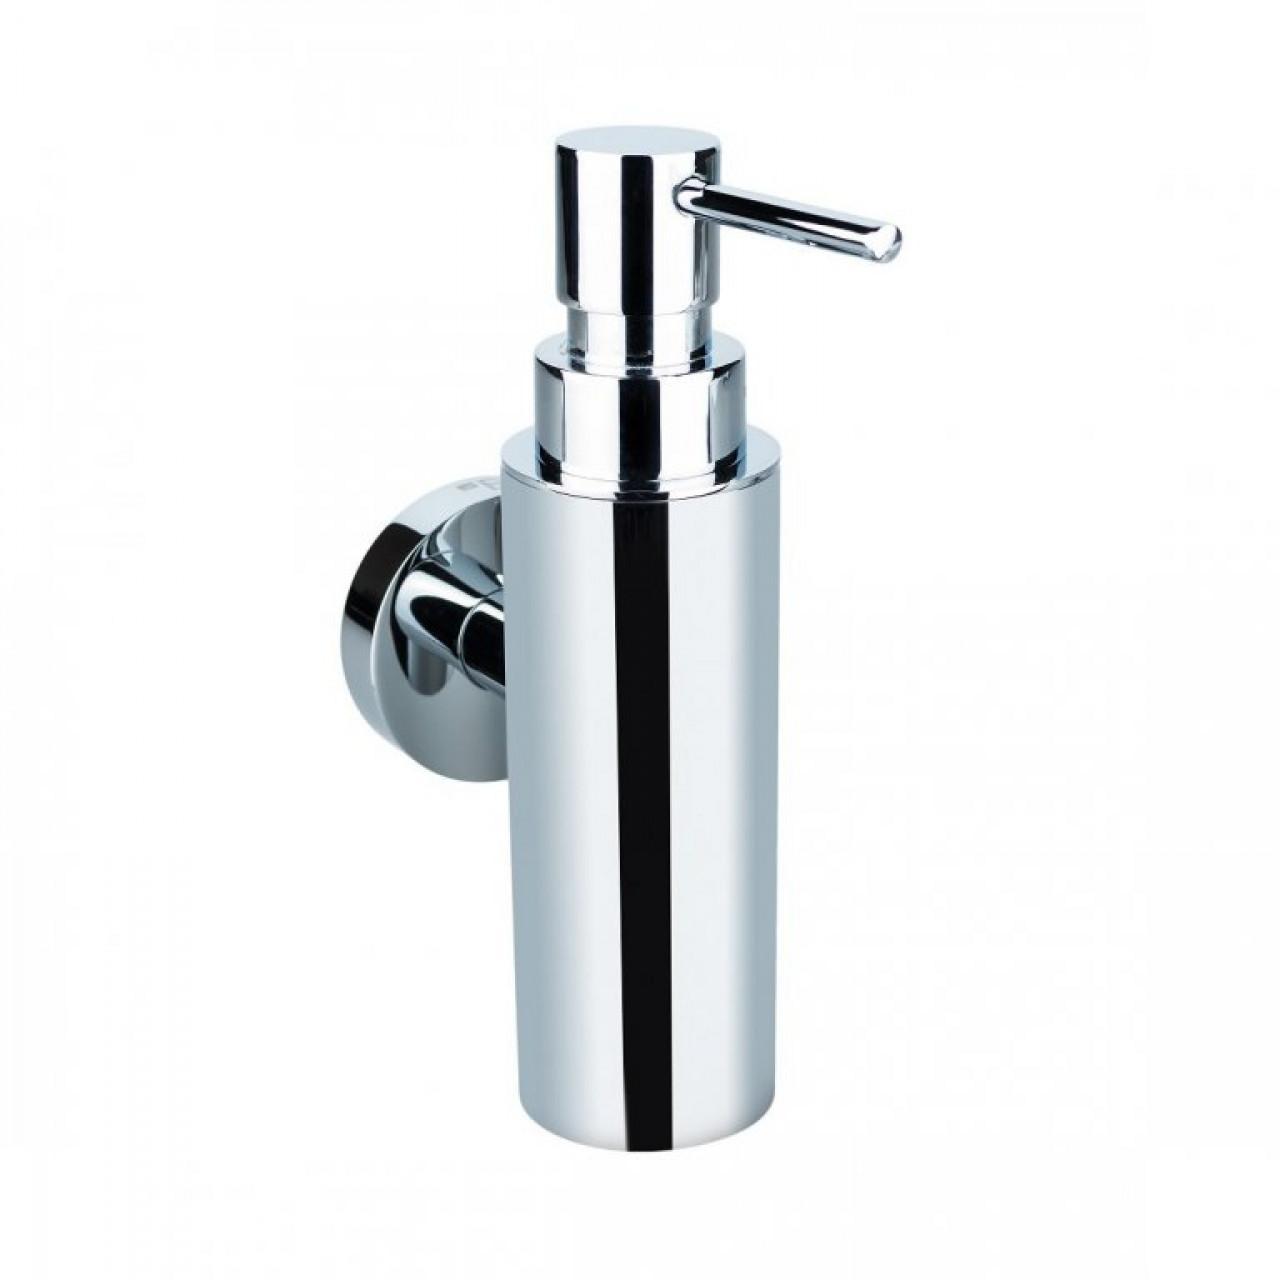 Настенный дозатор для жидкого мыла BEMETA OMEGA 104109012 купить в Москве по цене от 2303р. в интернет-магазине mebel-v-vannu.ru